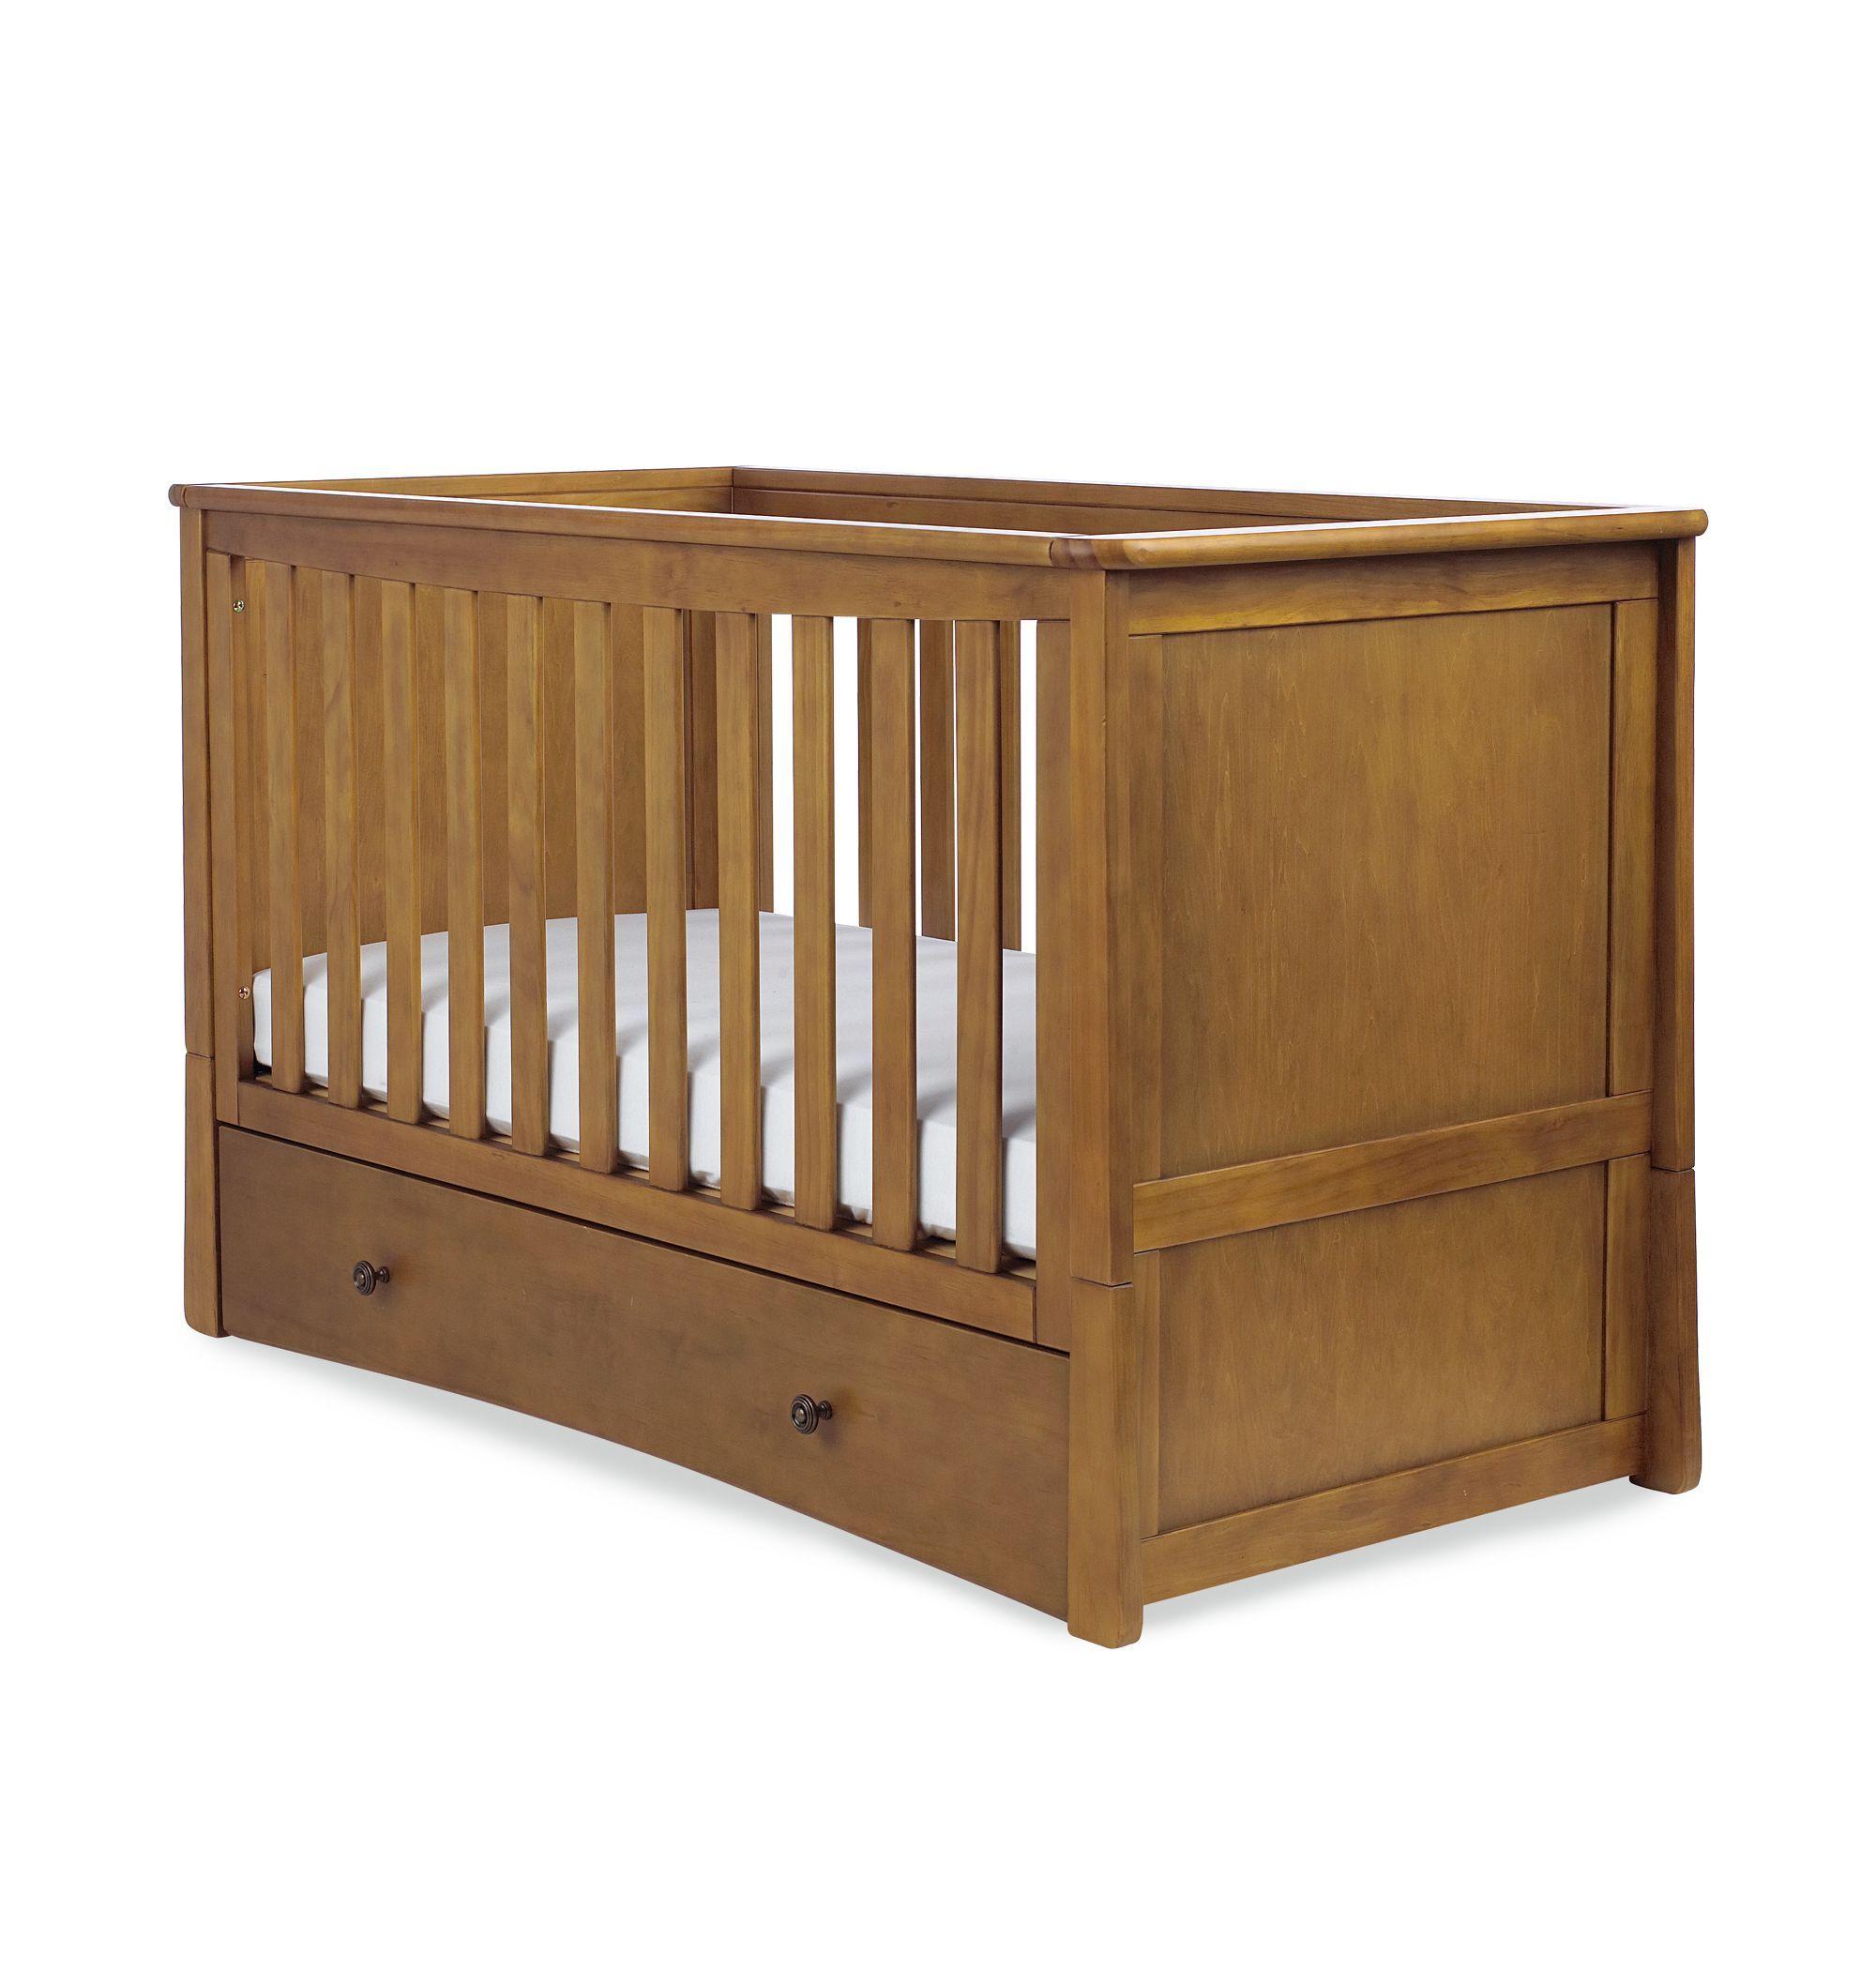 mothercare harrogate cot bed heritage banke pinterest cot